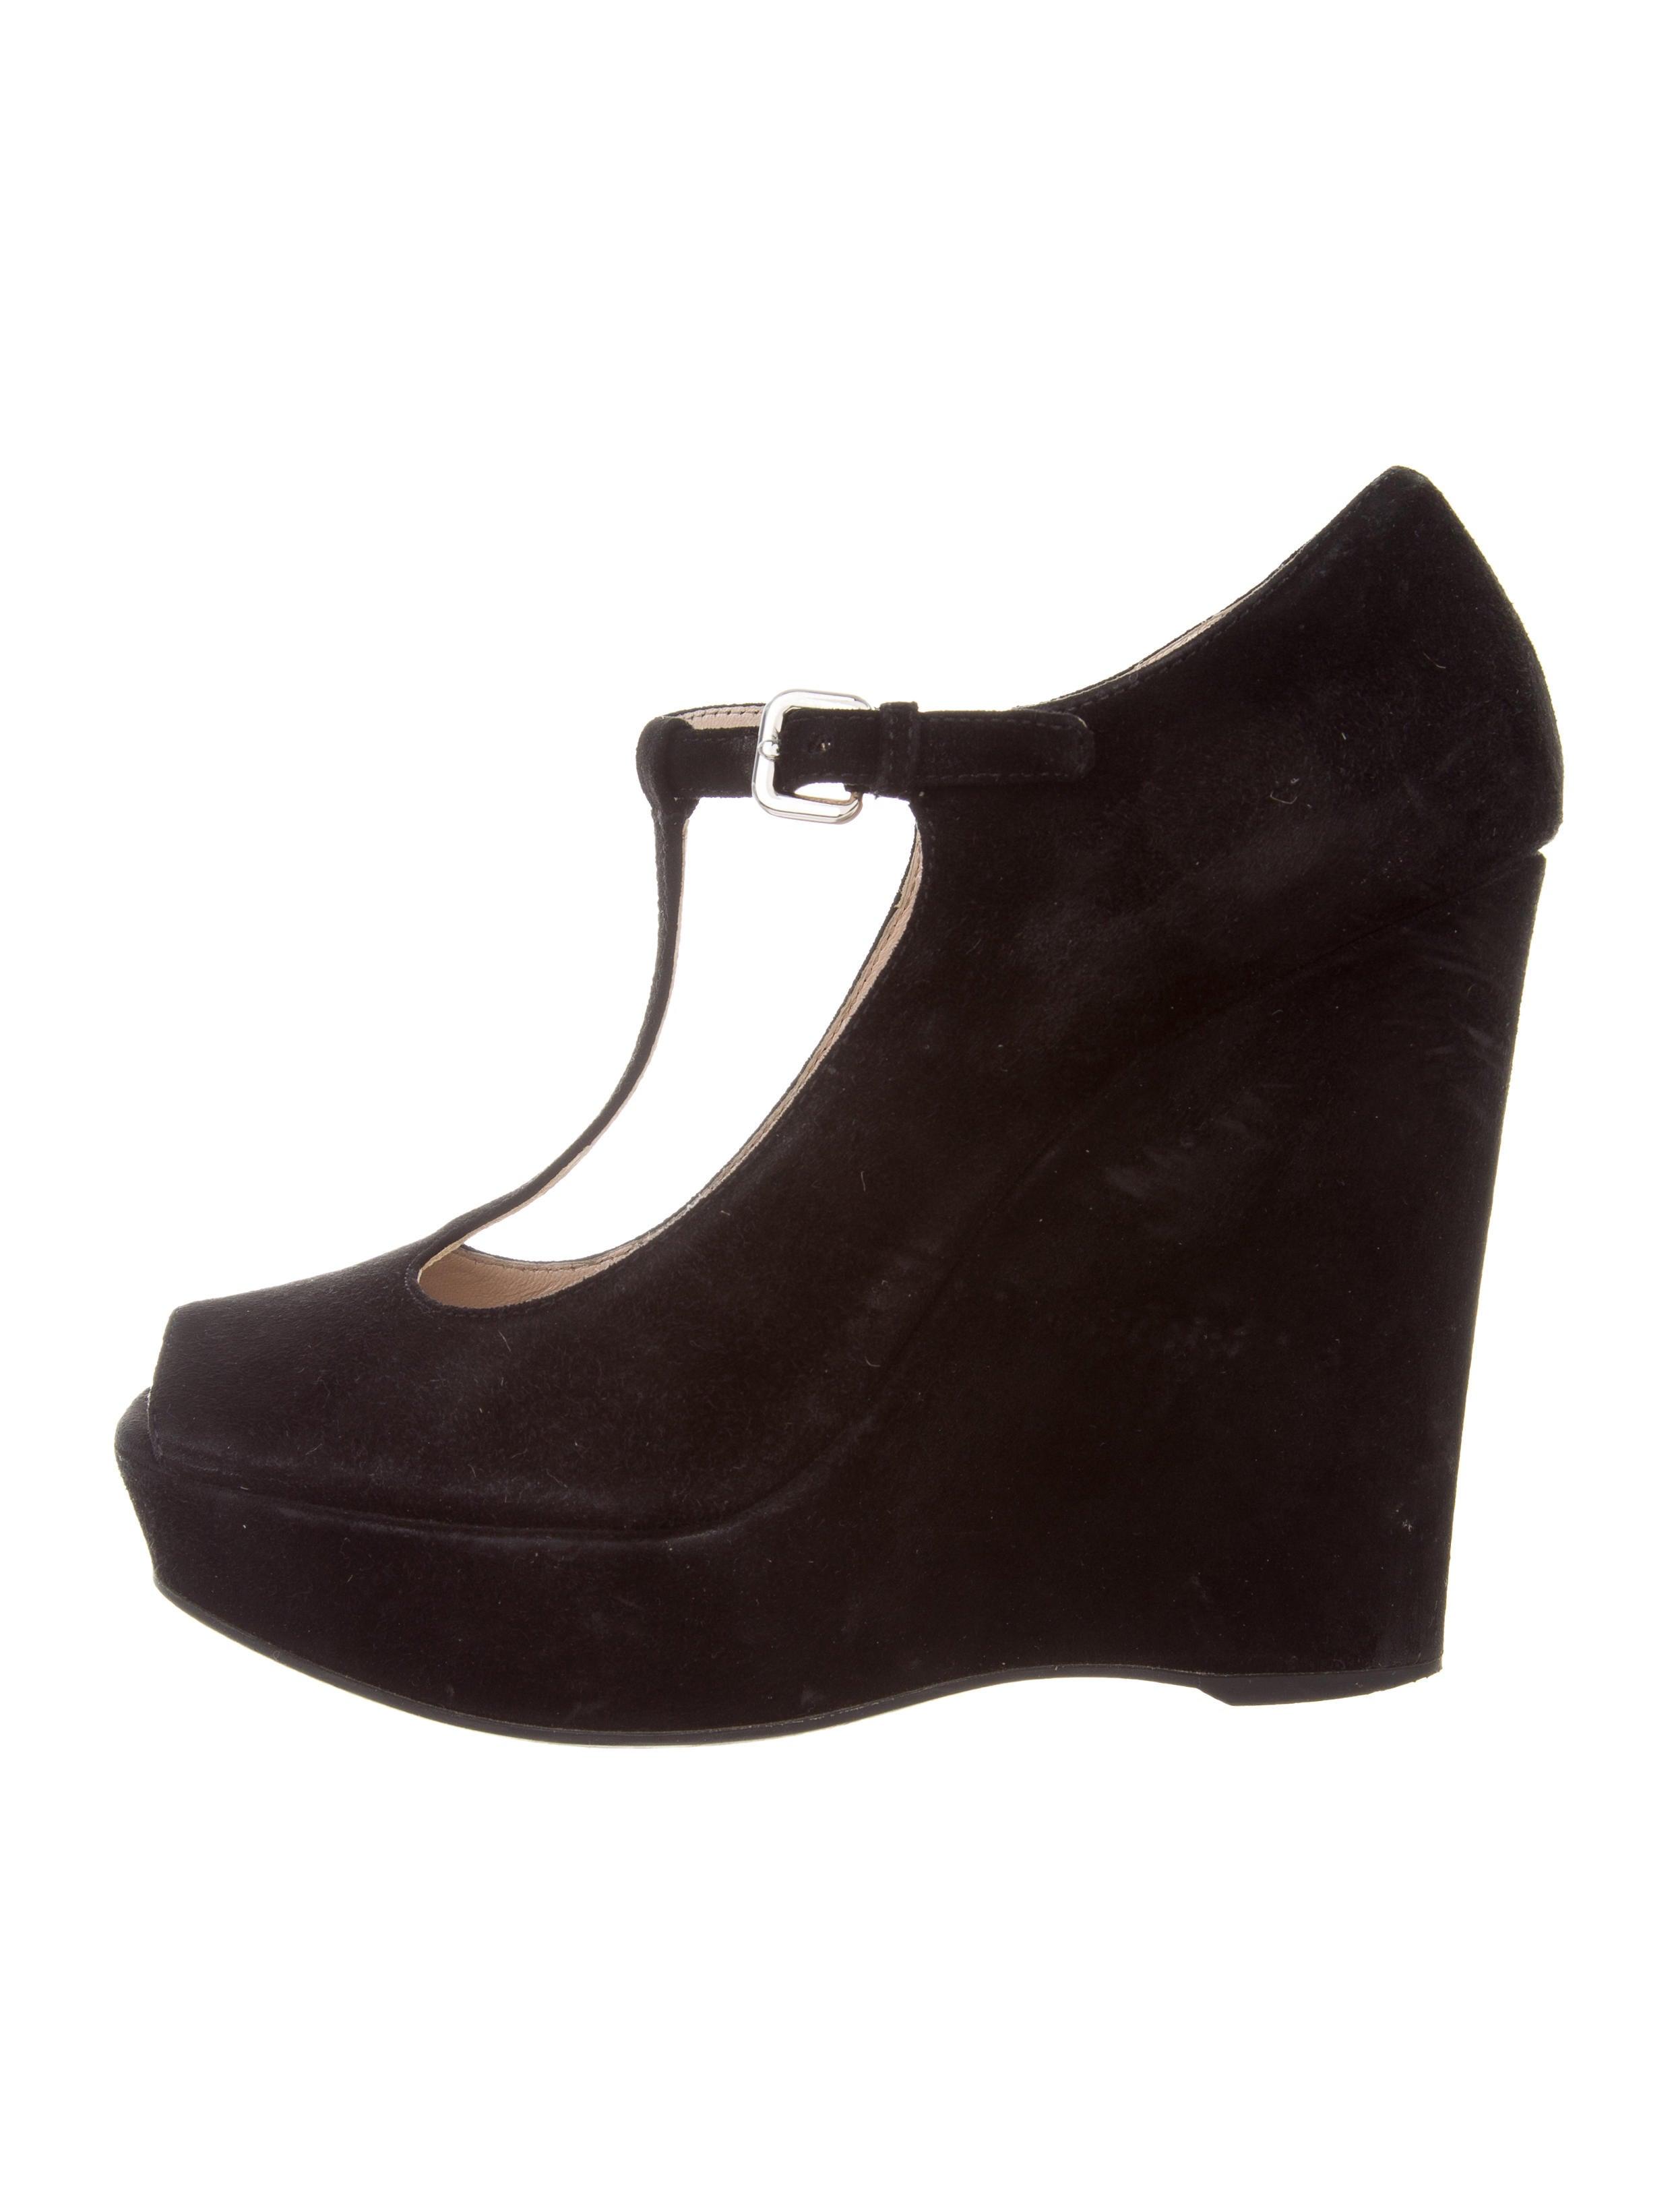 prada suede platform wedges shoes pra163770 the realreal